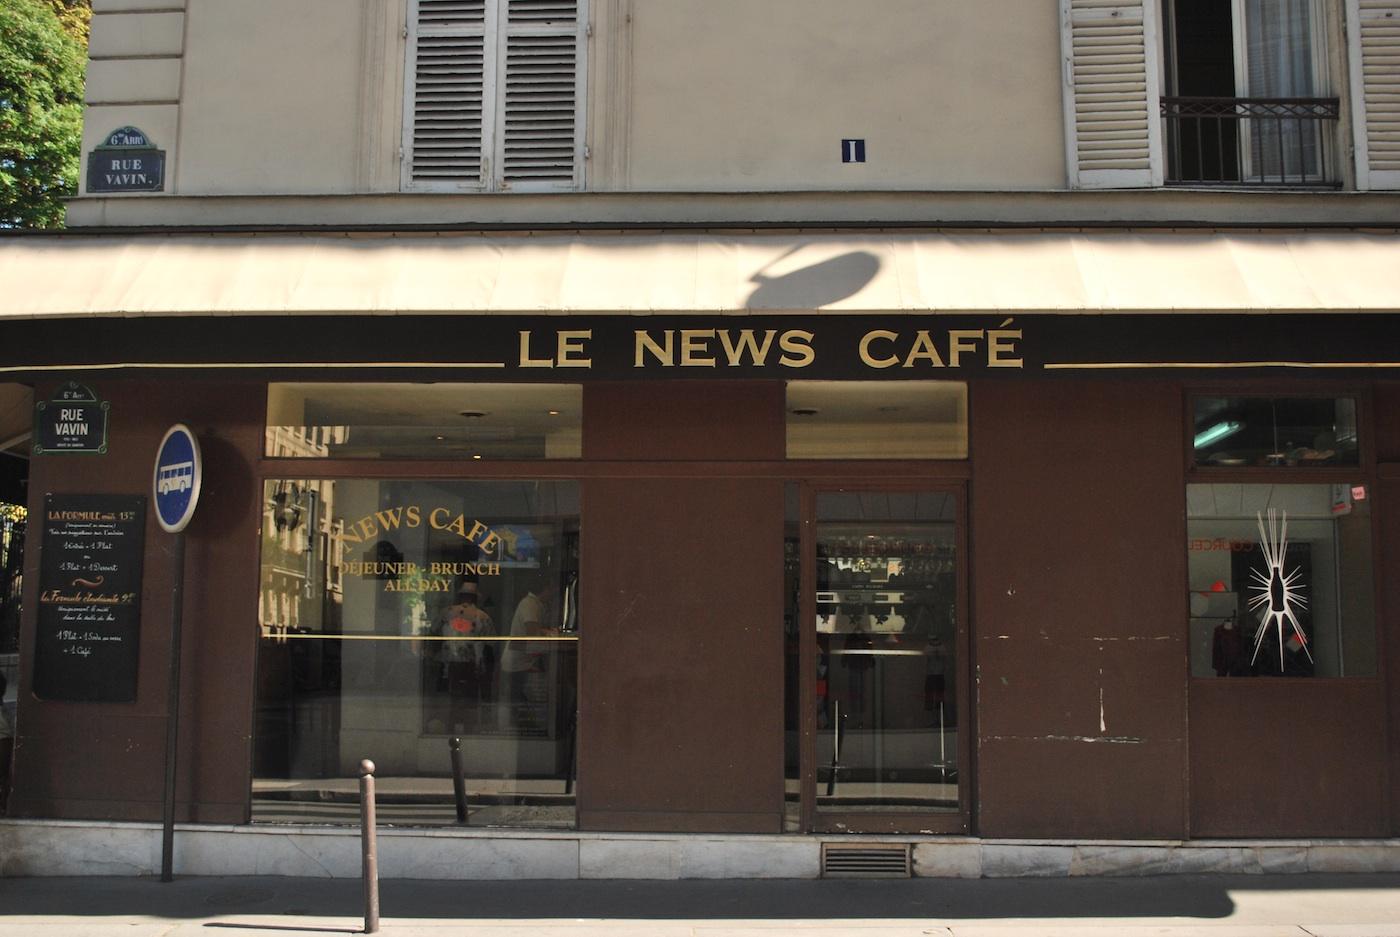 Le News Cafe